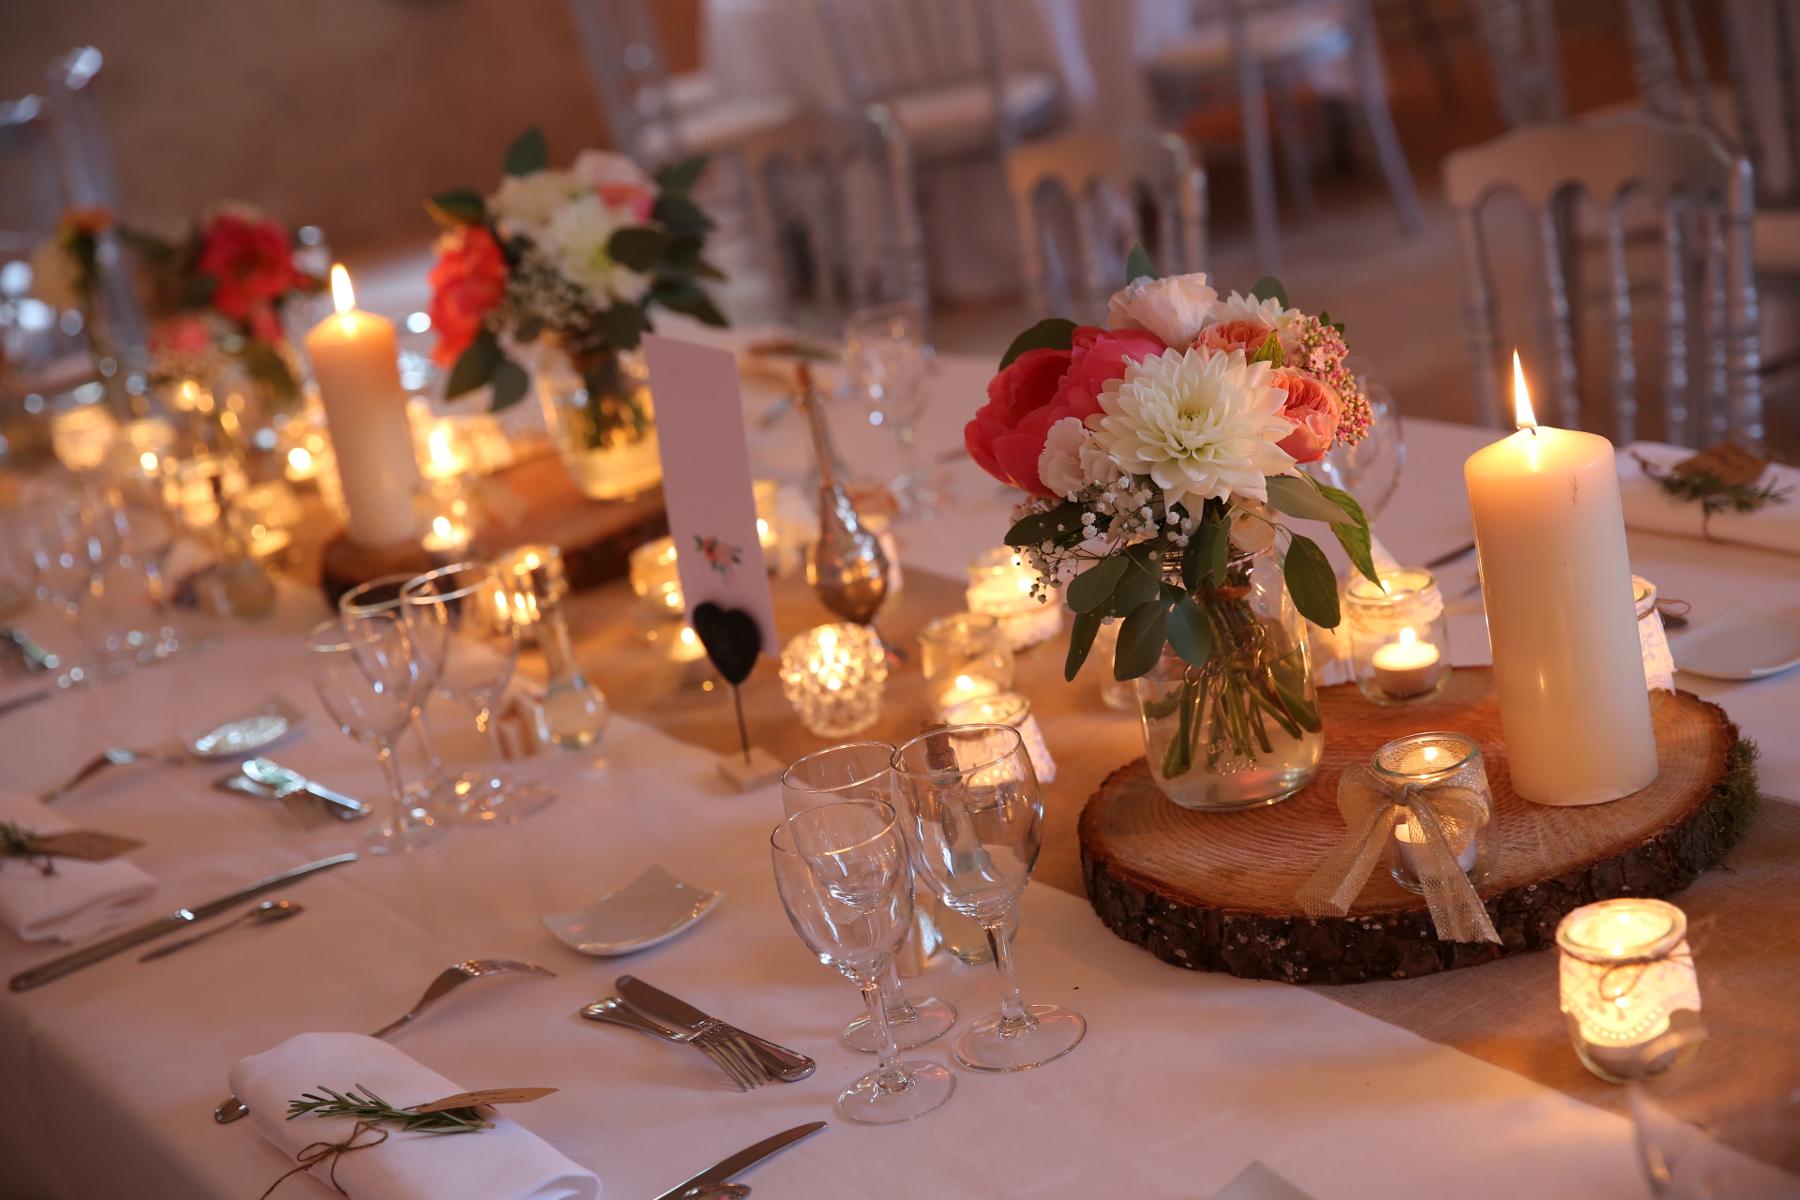 La Decoration De Mariage : Décoration mariage réception chic et champêtre